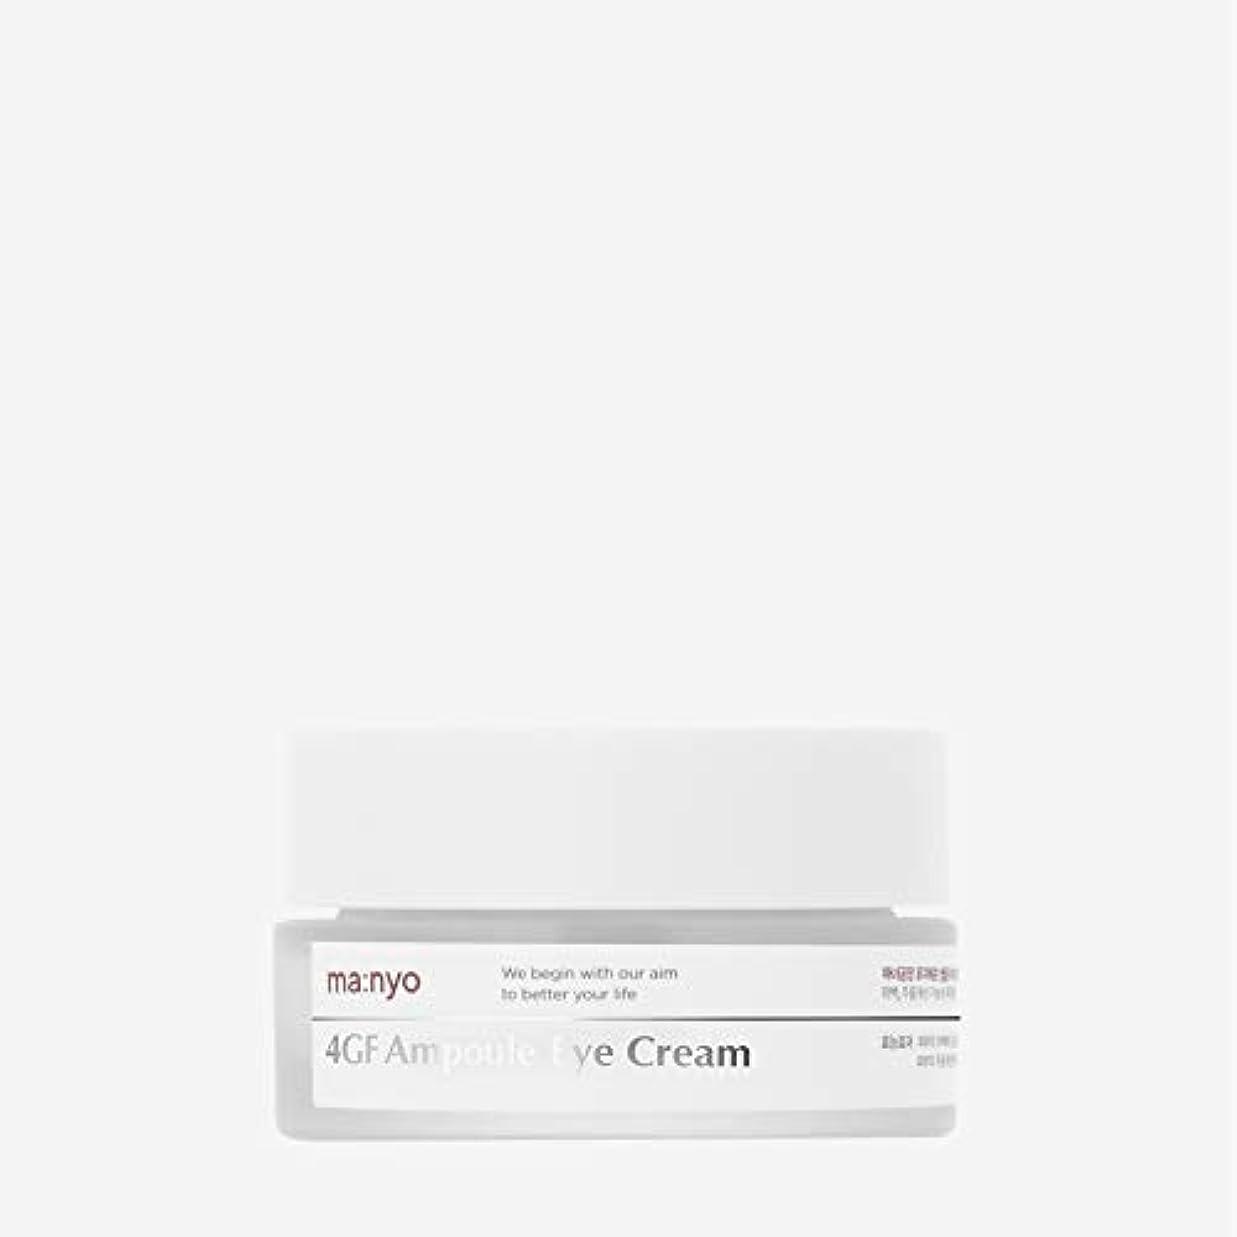 マダム経過体操選手魔女工場(Manyo Factory) 4GFアイクリーム 30ml / 死ぬまでに1度は塗ってみたい、その成分 [並行輸入品]